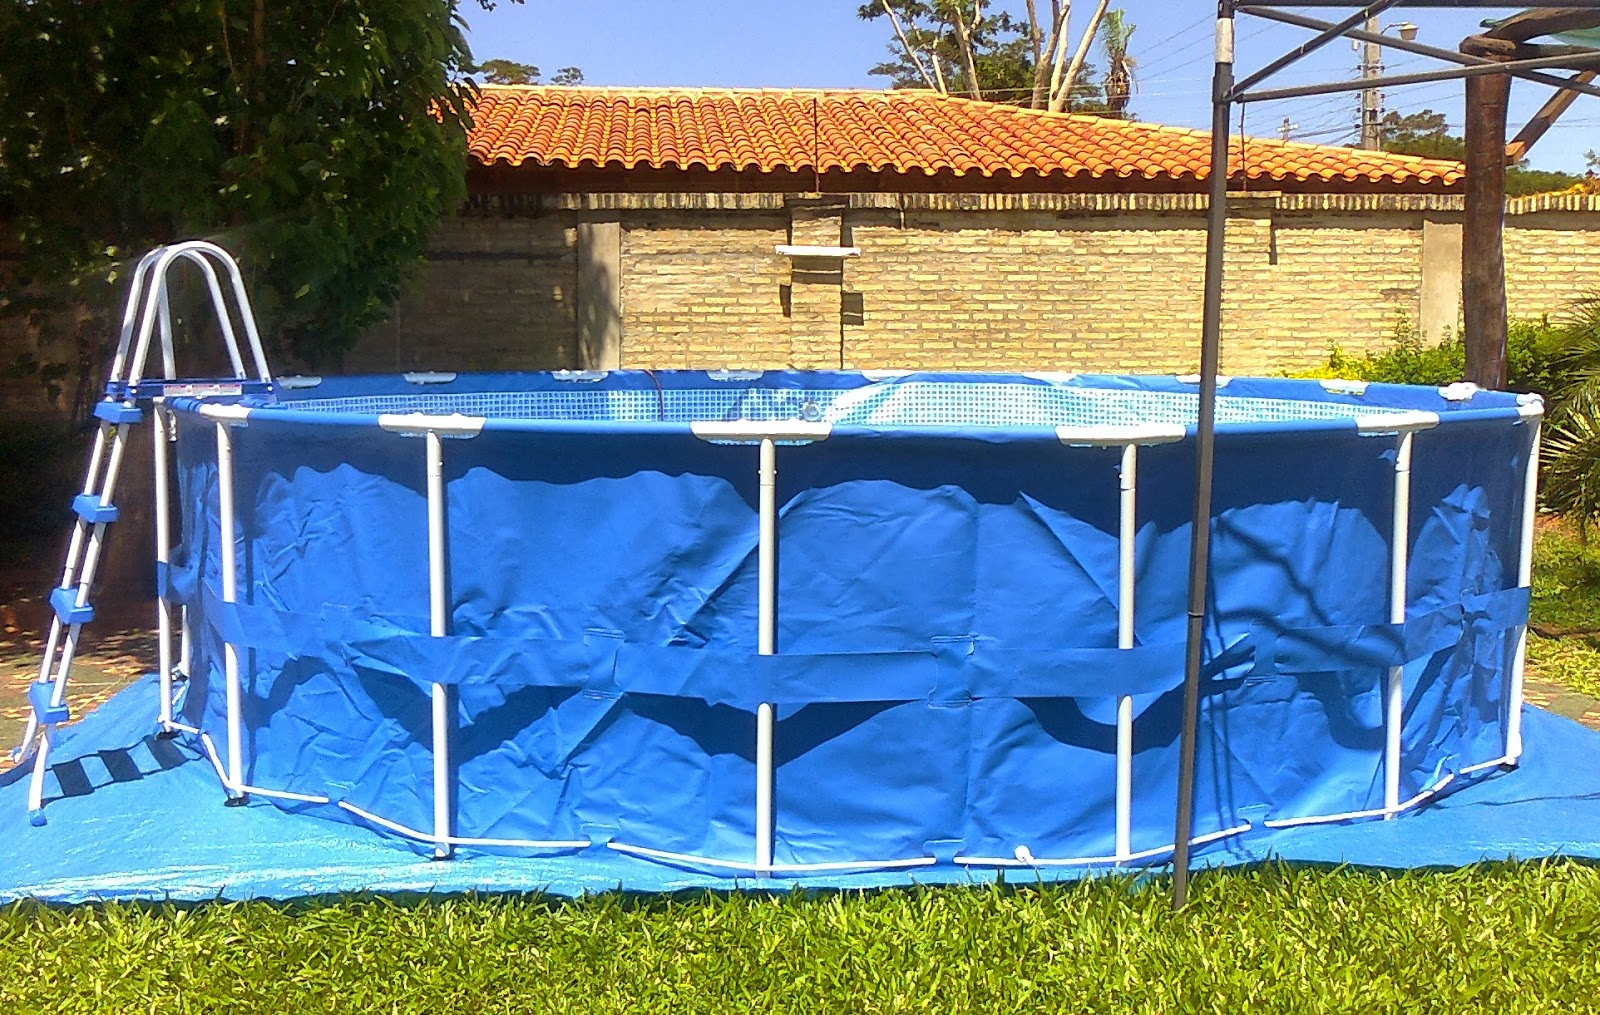 Rakiura precios de entrada 2018 filtro para la piscina for Cuanto sale construir una piscina